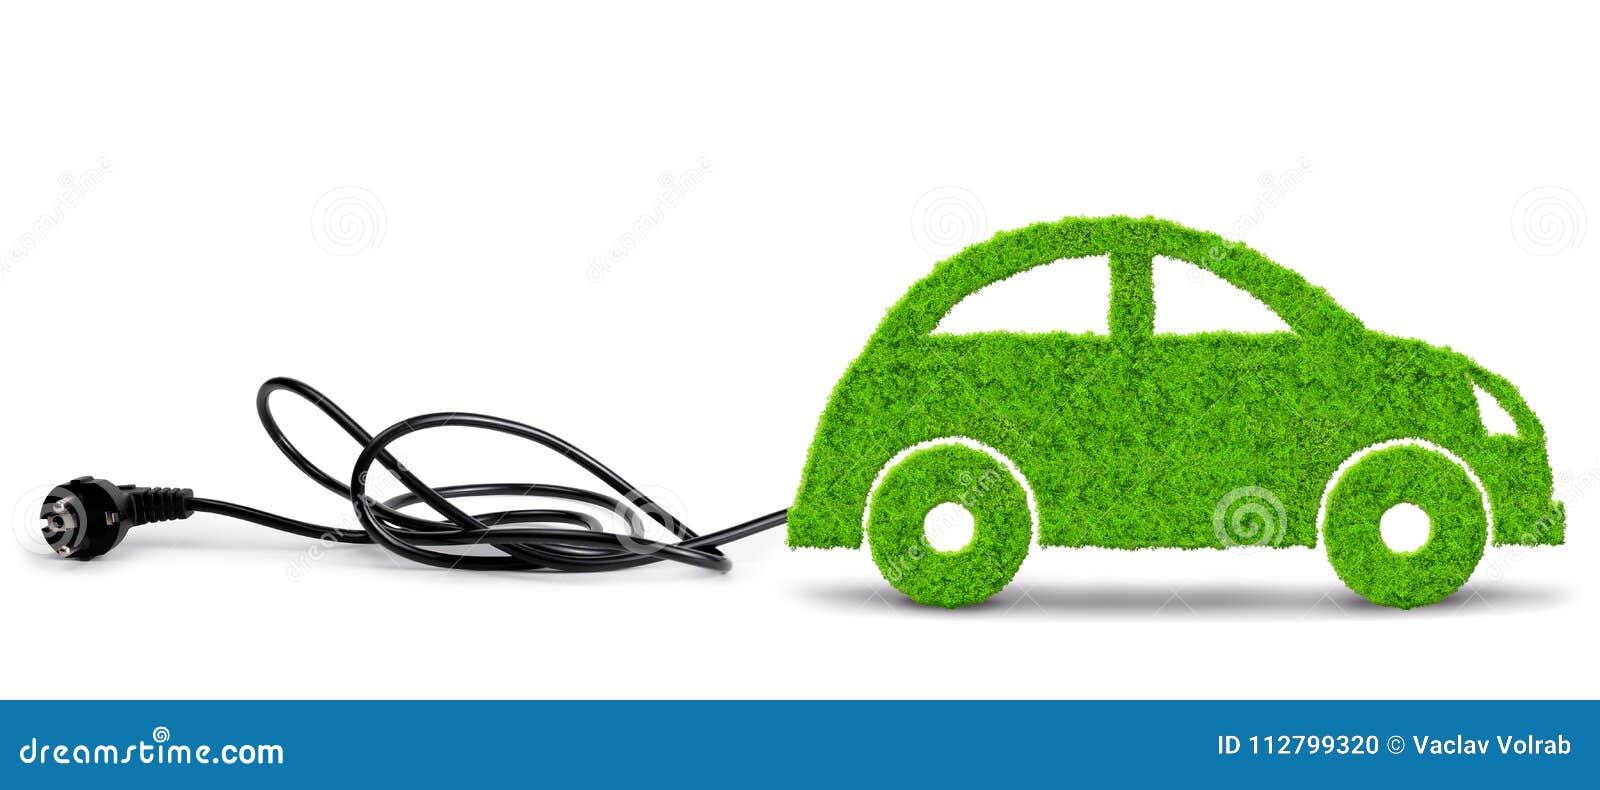 Voiture verte d eco avec la prise électrique sur le fond blanc